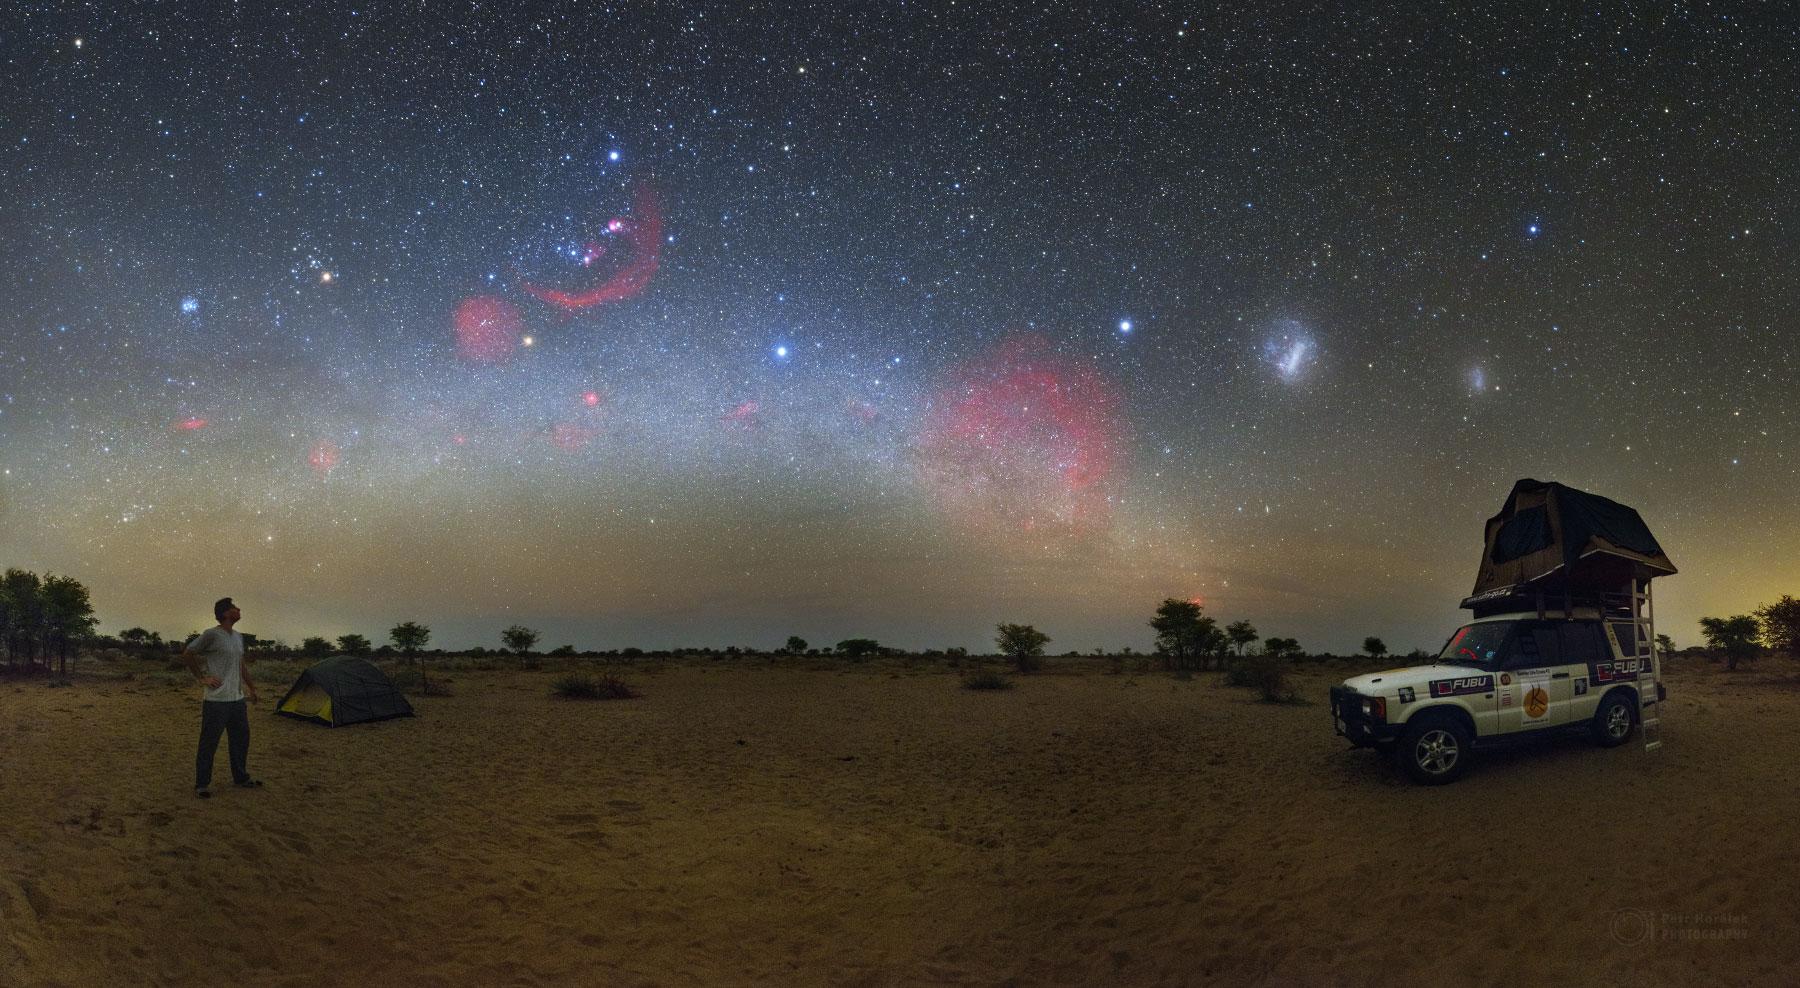 2017 May 30 - A Kalahari Sky